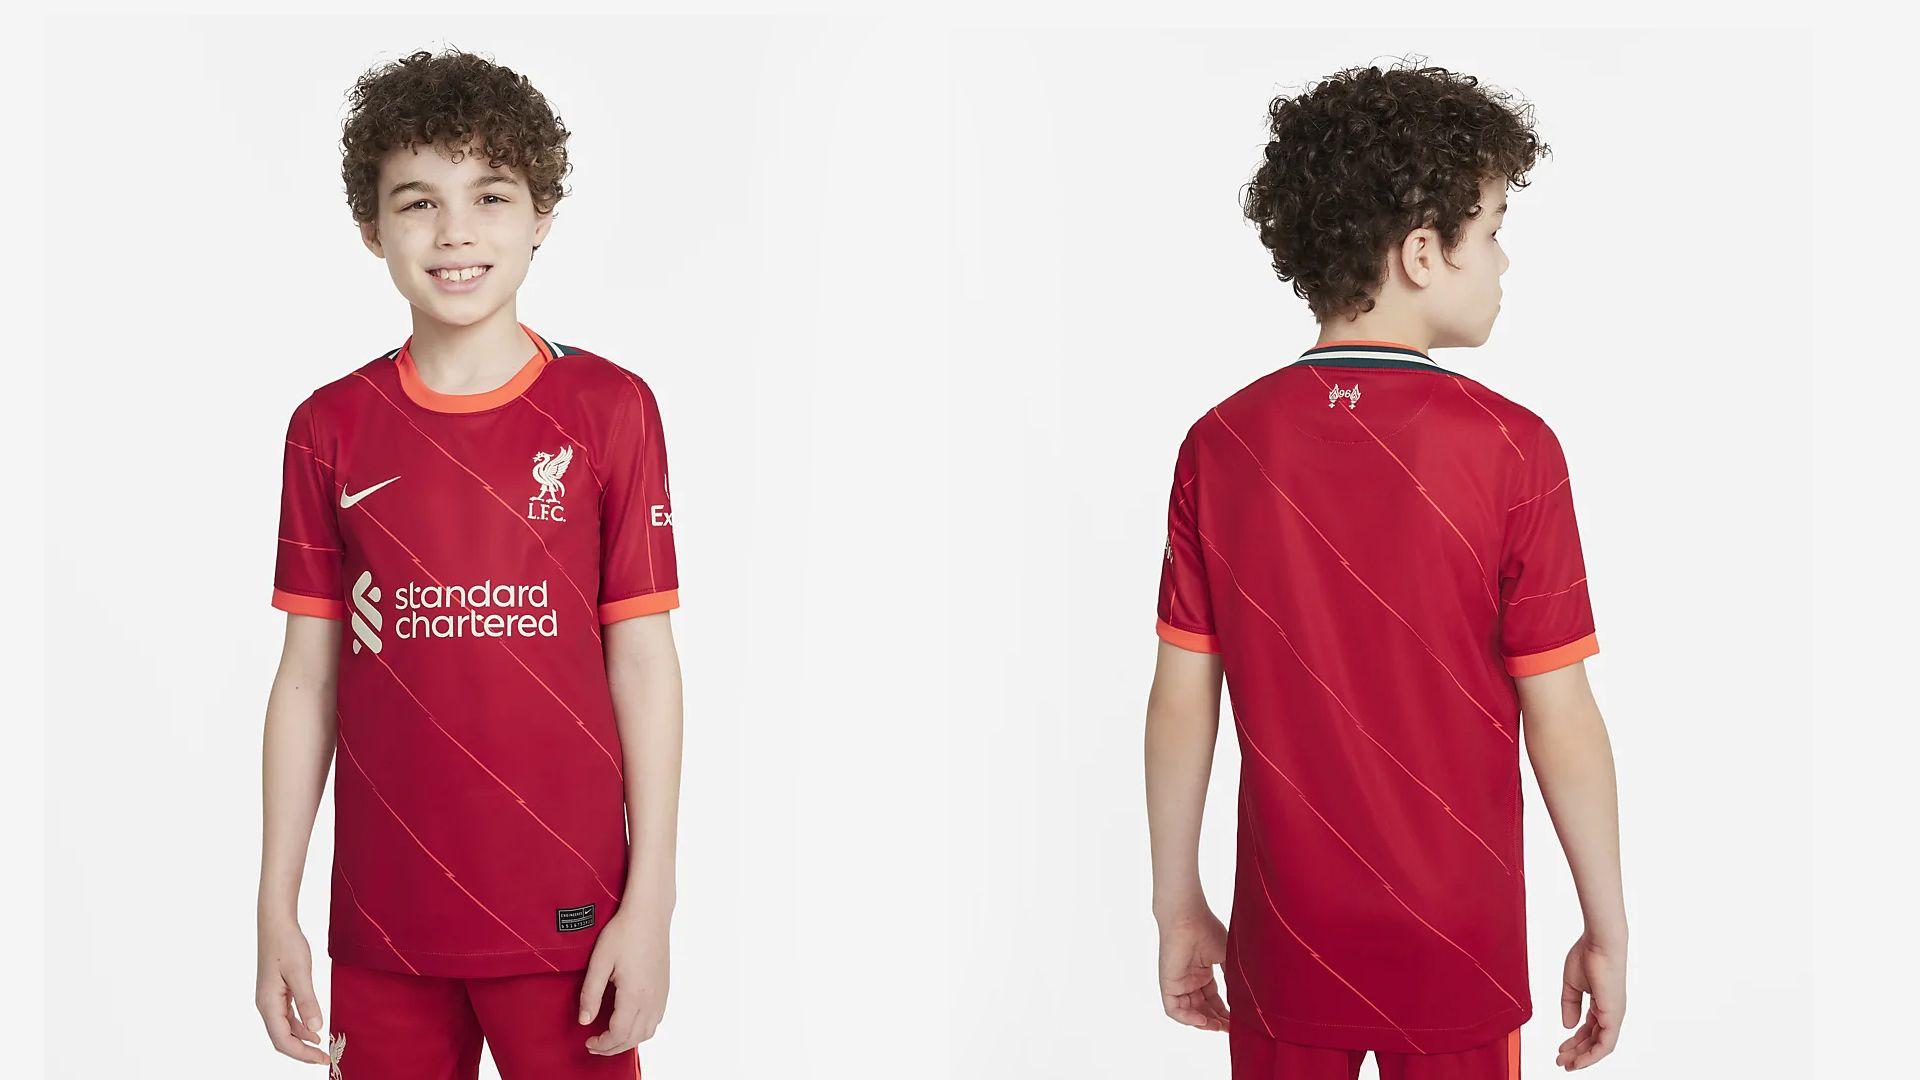 Camisa do Liverpool Infantil (Imagem: Divulgação/Nike)